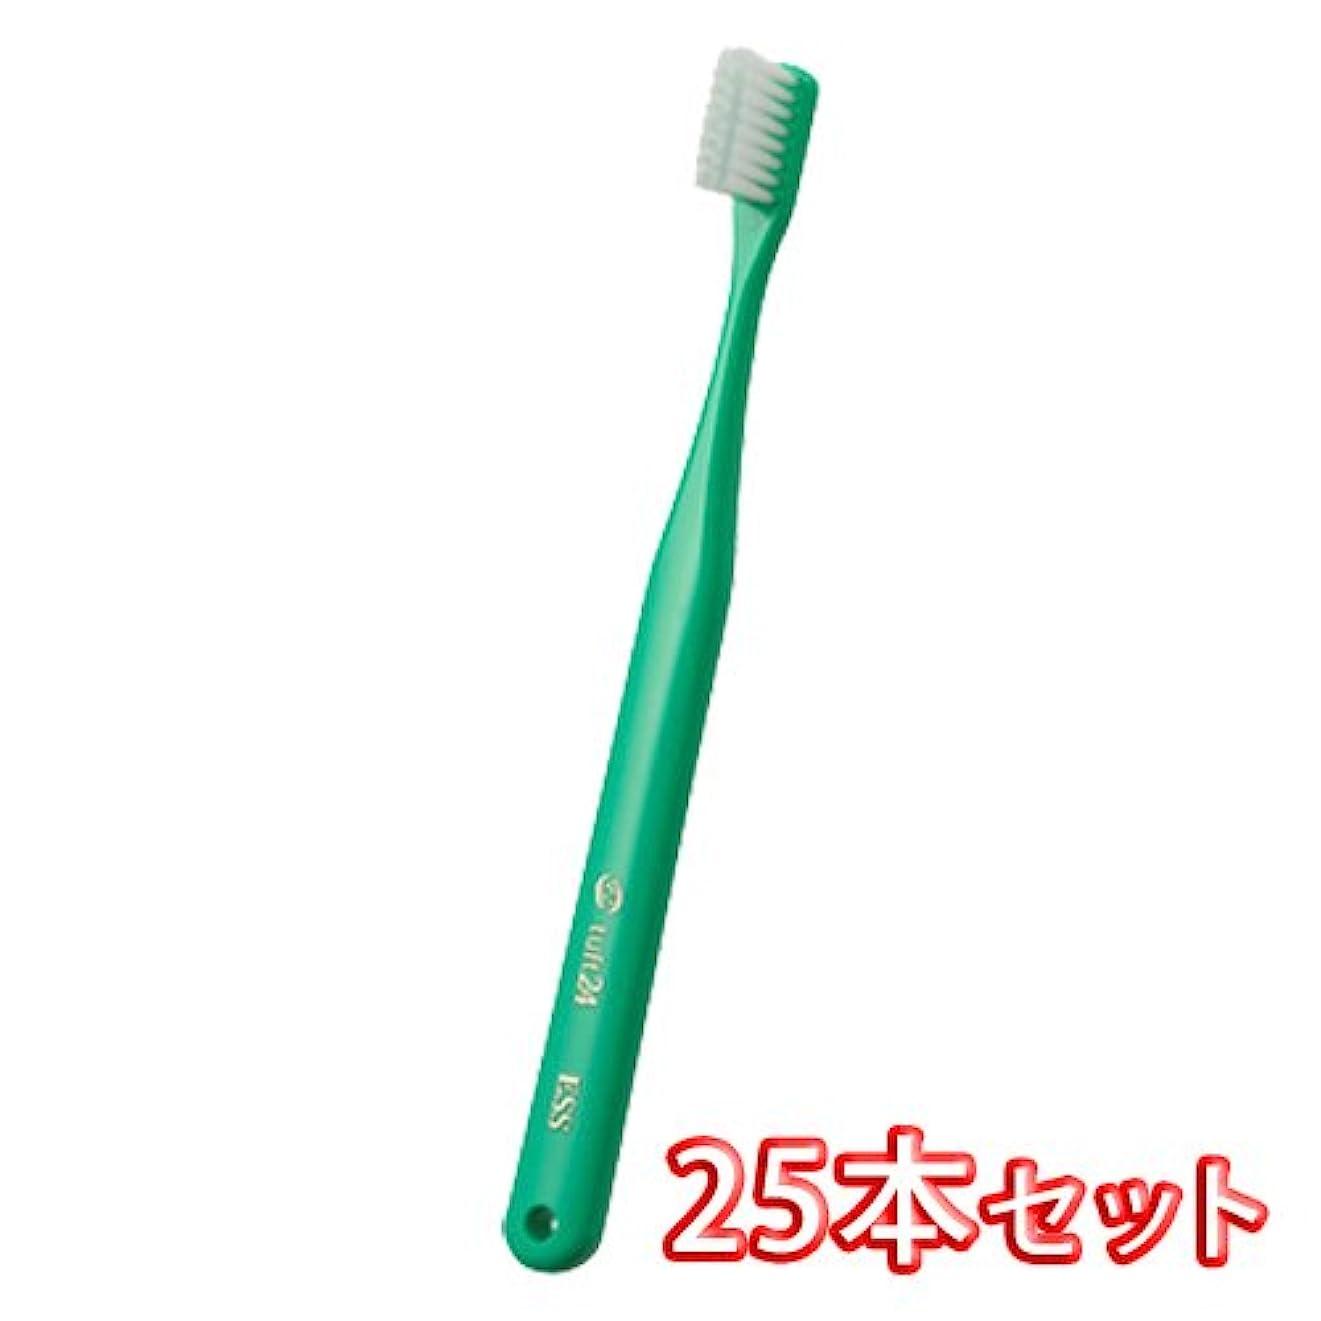 セイはさておき禁輸オーラルケア キャップ付き タフト 24 歯ブラシ 25本入 ミディアムハード MH (グリーン)